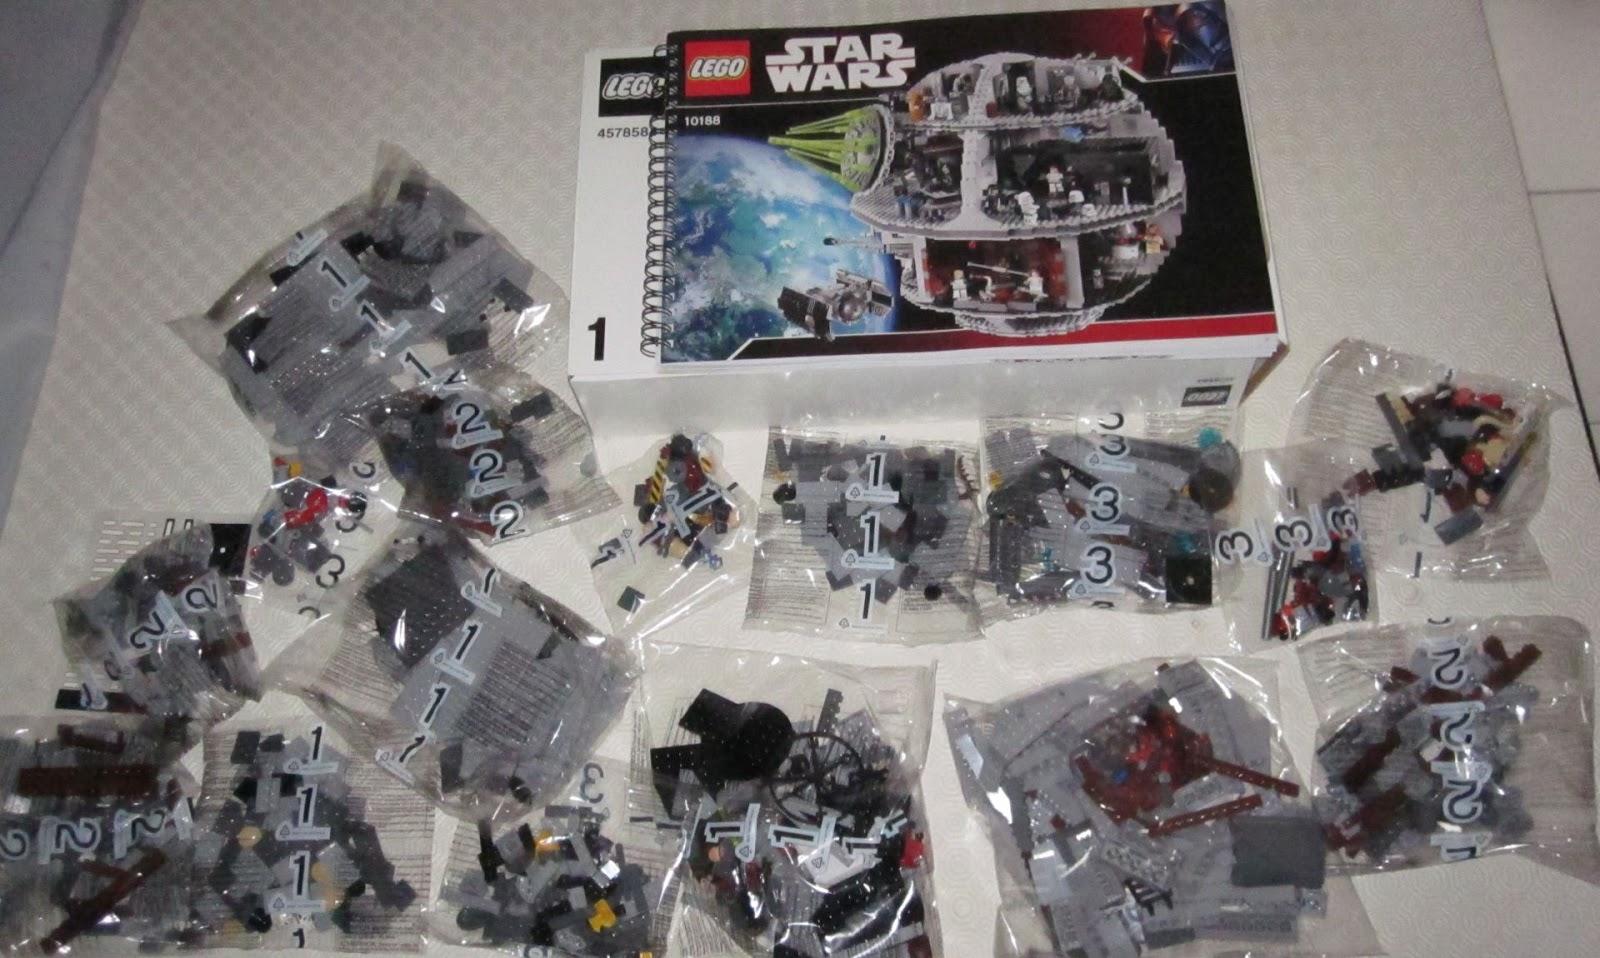 Les briques de toulouse lego star wars set num ro 10188 l 39 etoile noire - L etoile noire star wars ...